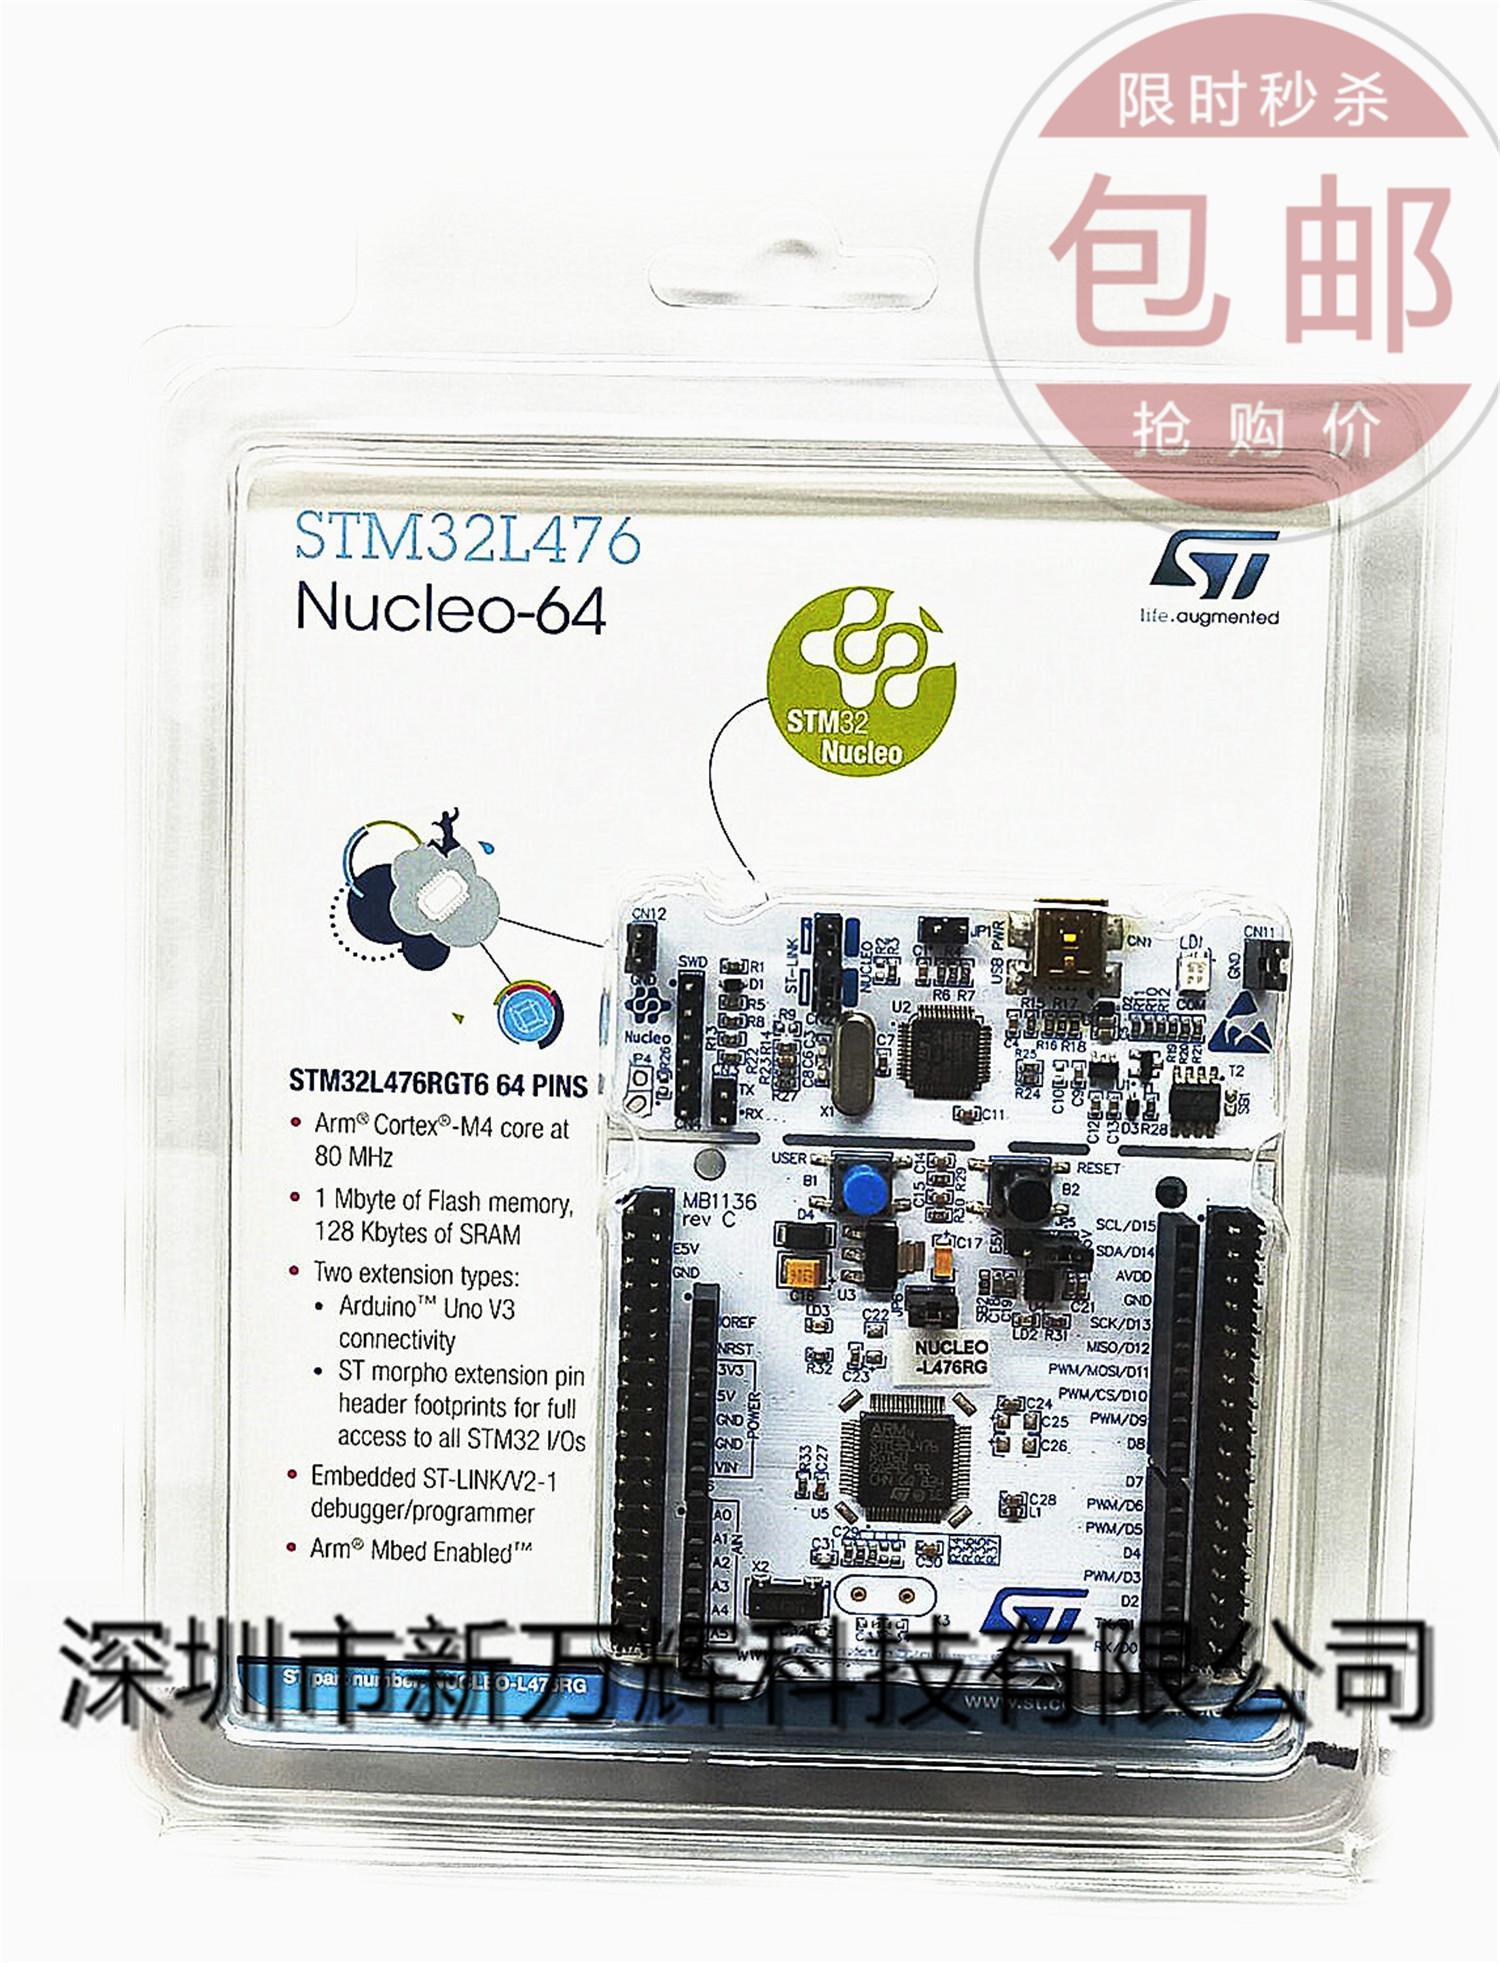 stm32l开发板工具|stm32l开发板应用|stm32l开发板教学|中国- 淘宝海外